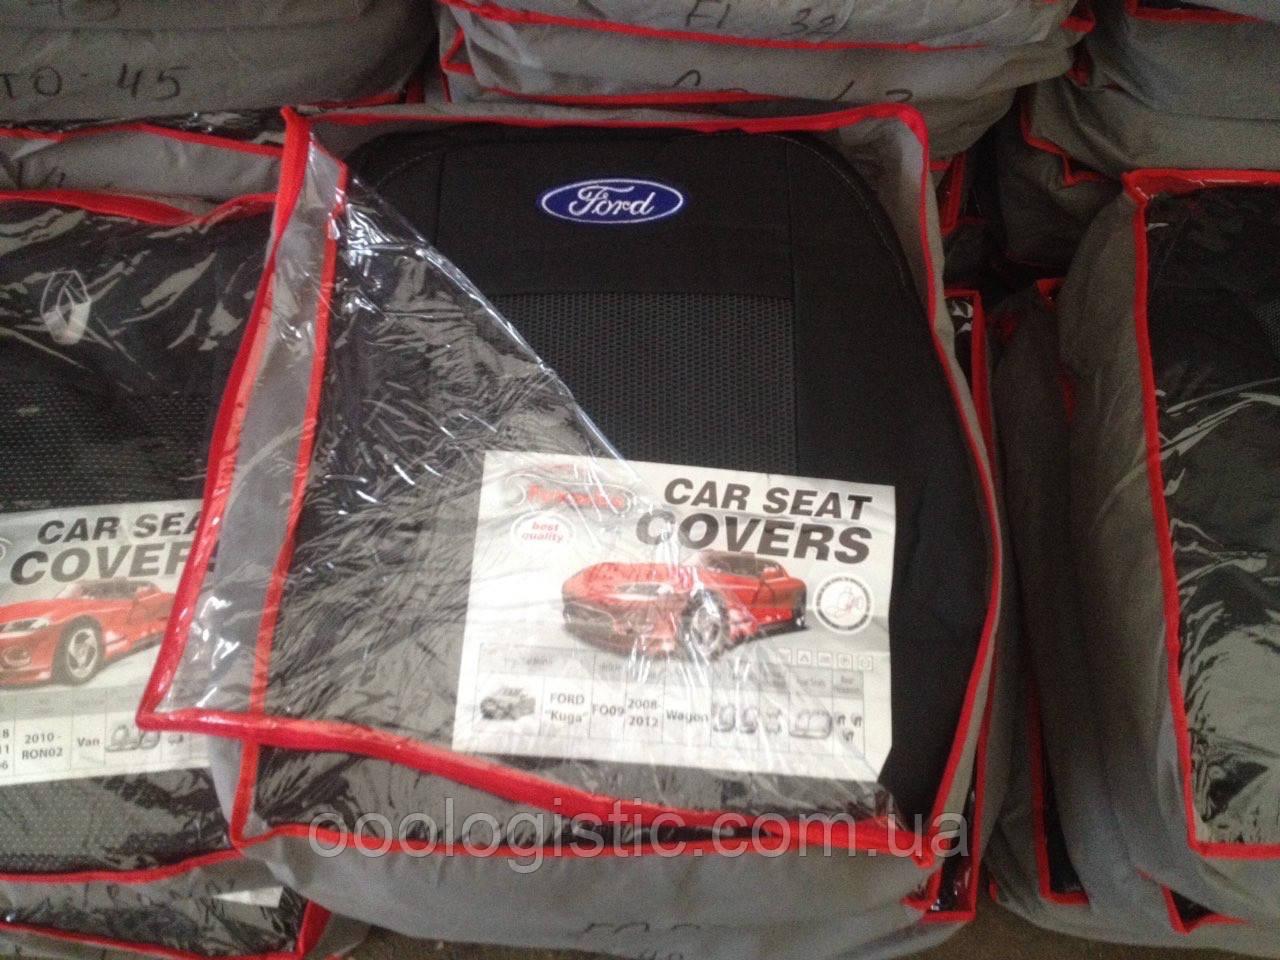 Авточехлы  на Ford Kuga 2008-2012 wagon,Форд Куга 2008-2012 года вагон